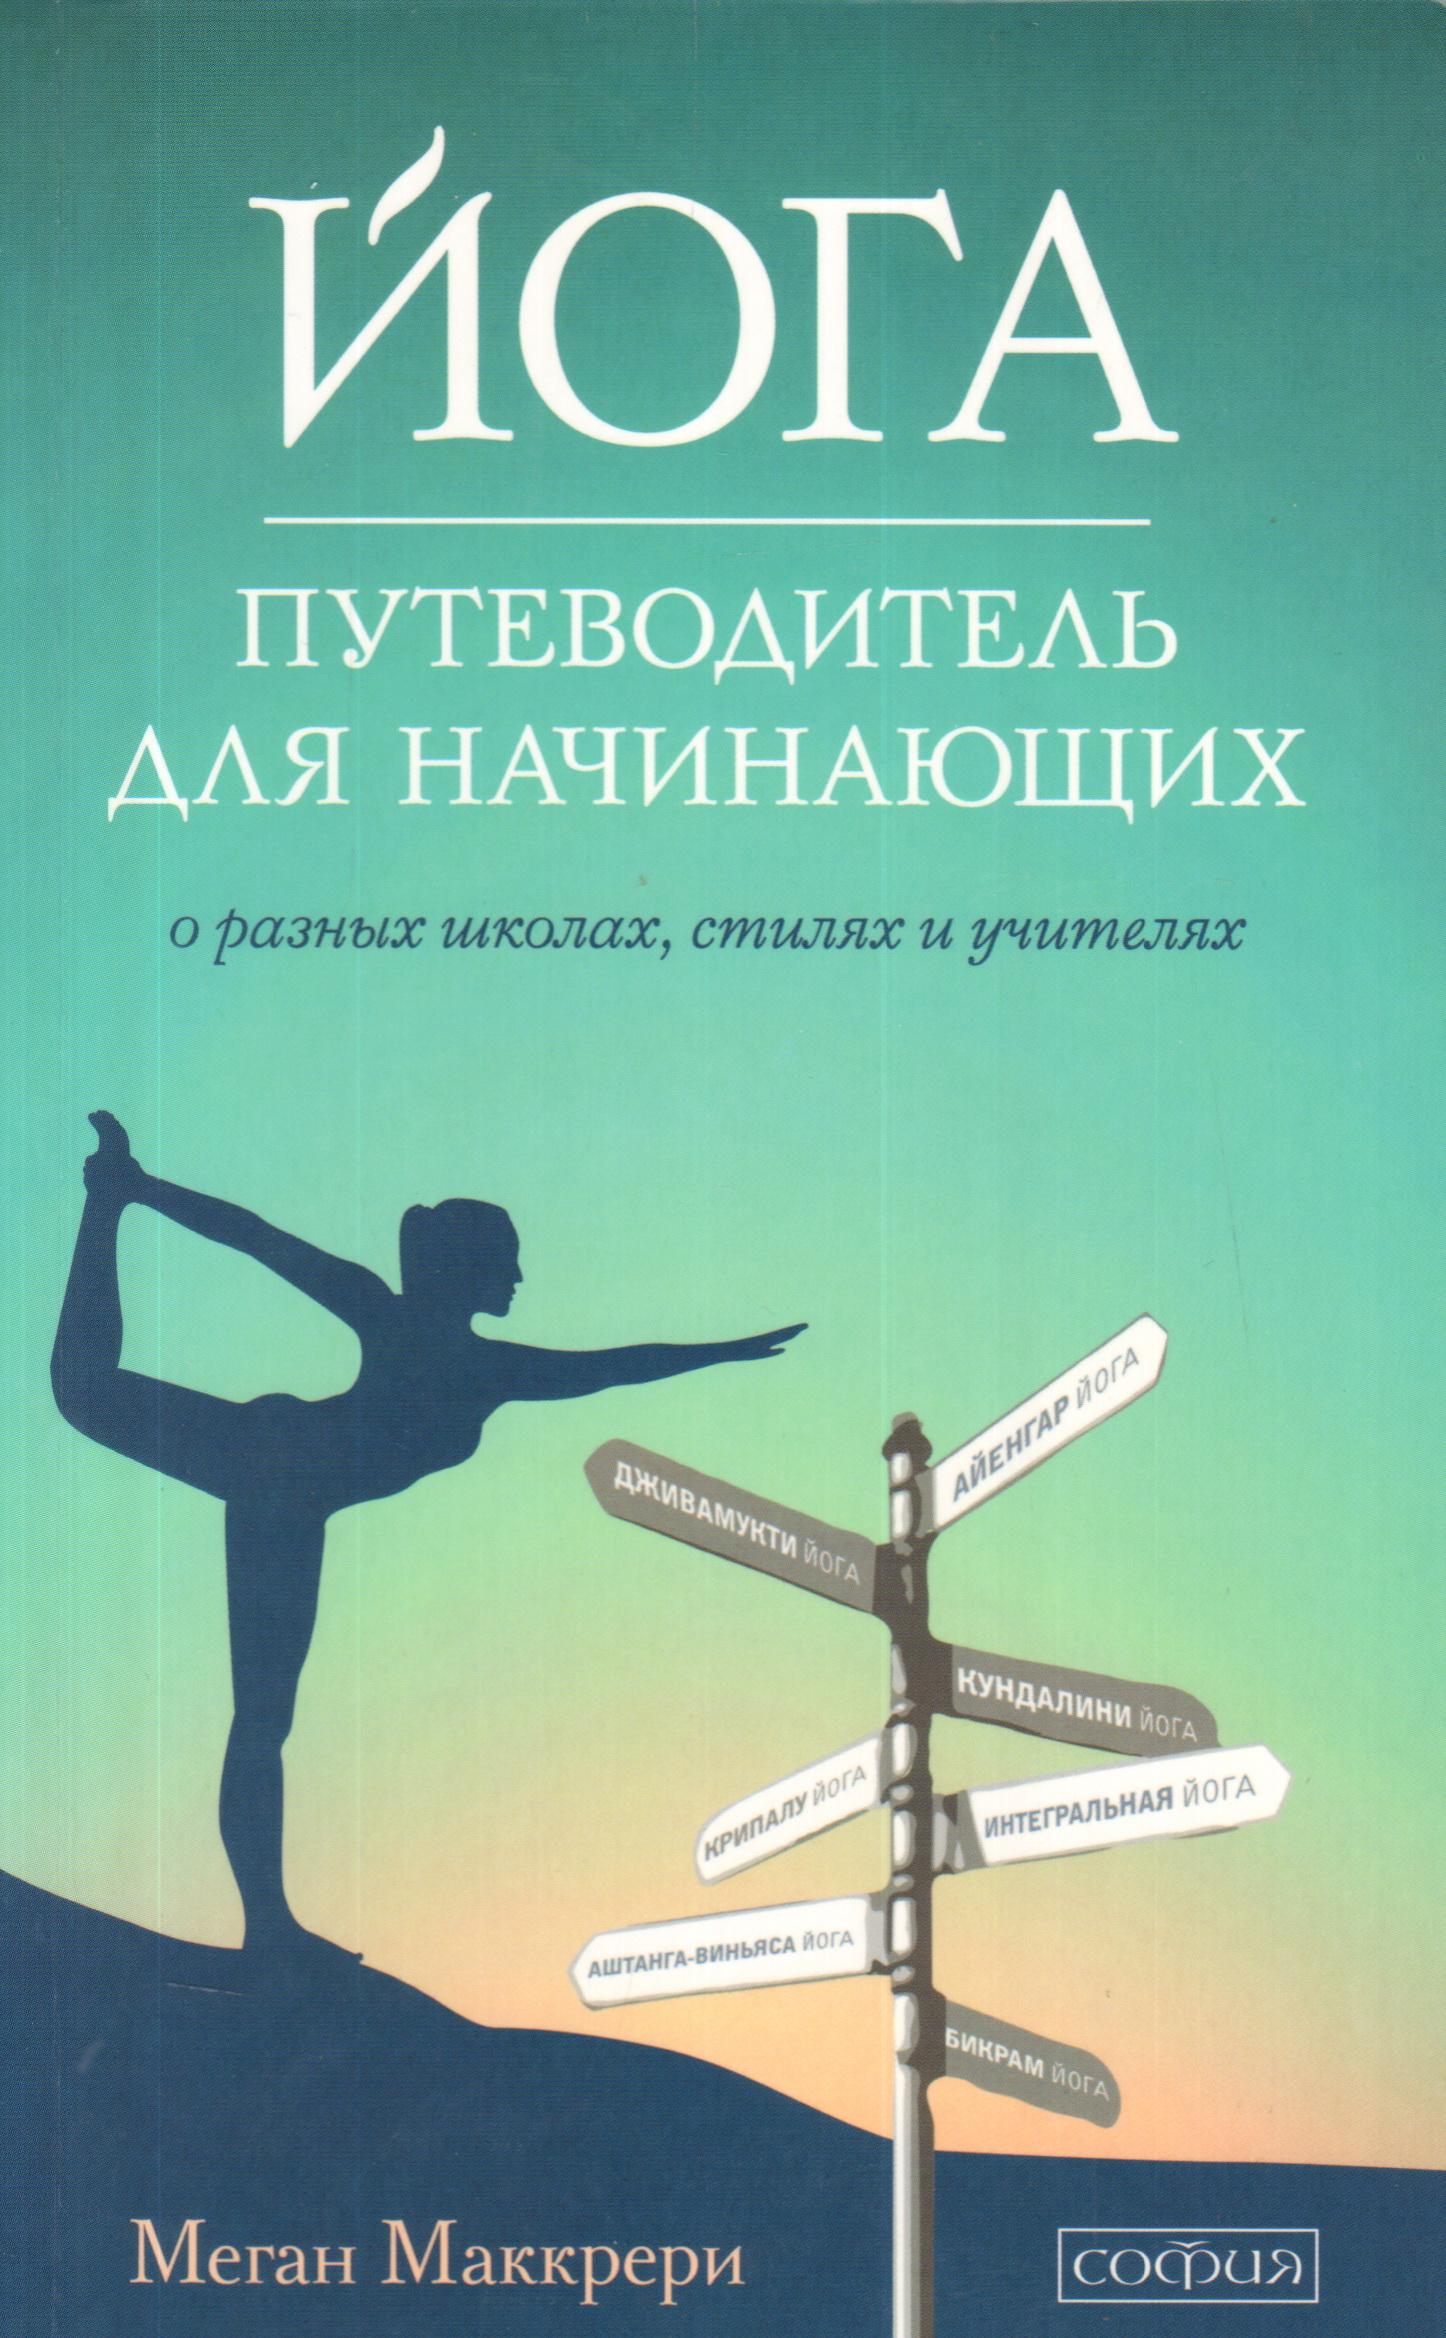 Йога. Путеводитель для начинающих: О различных школах, стилях и учителях